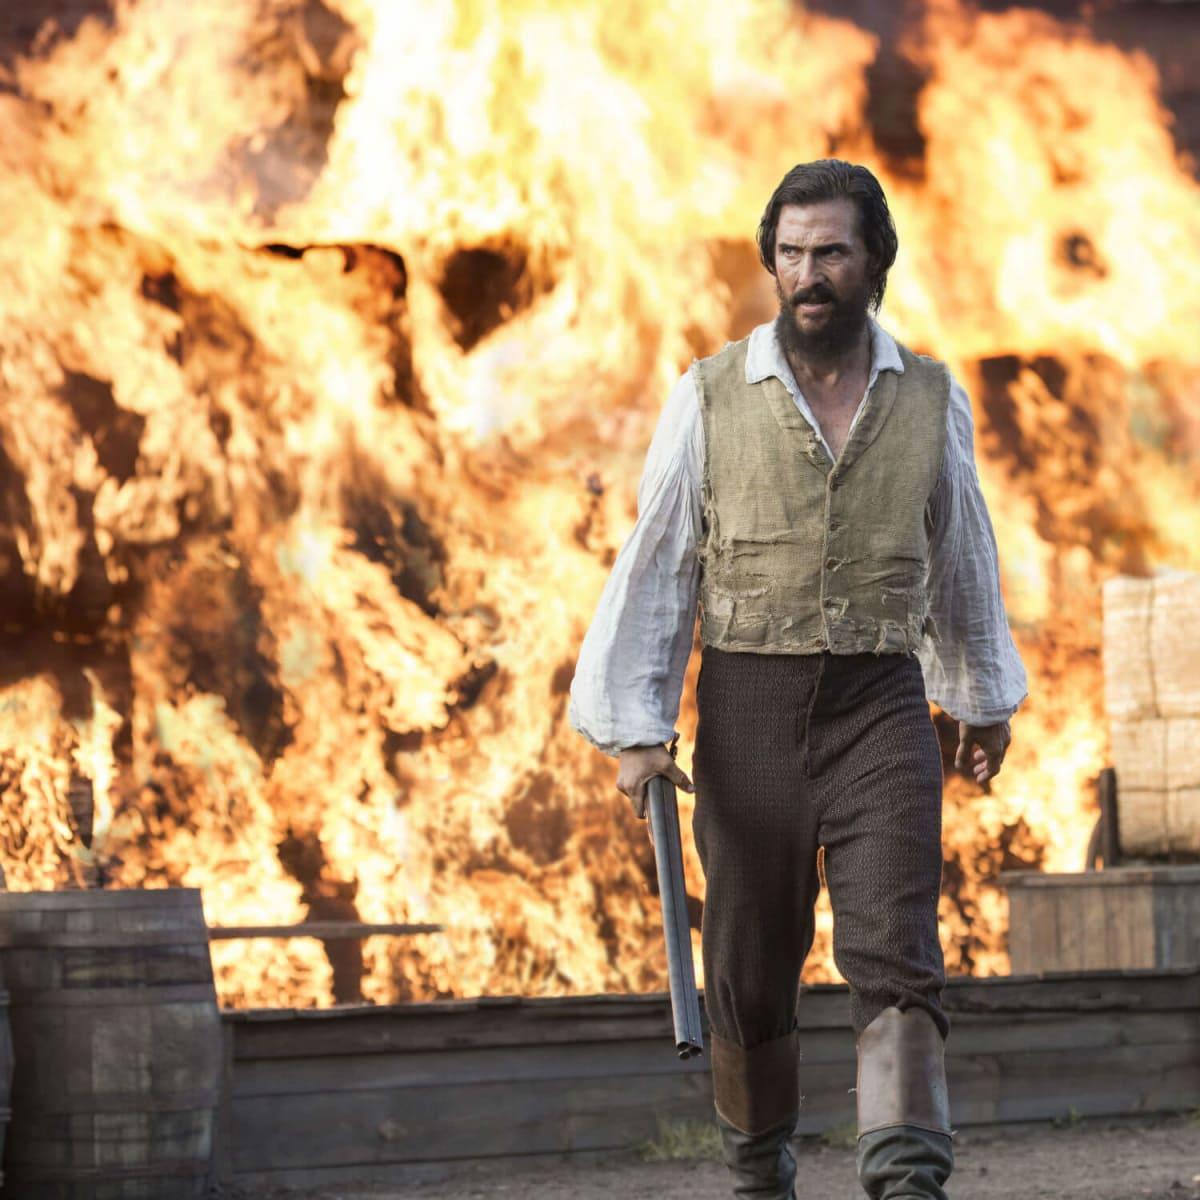 Matthew McConaughey in Free State of Jones